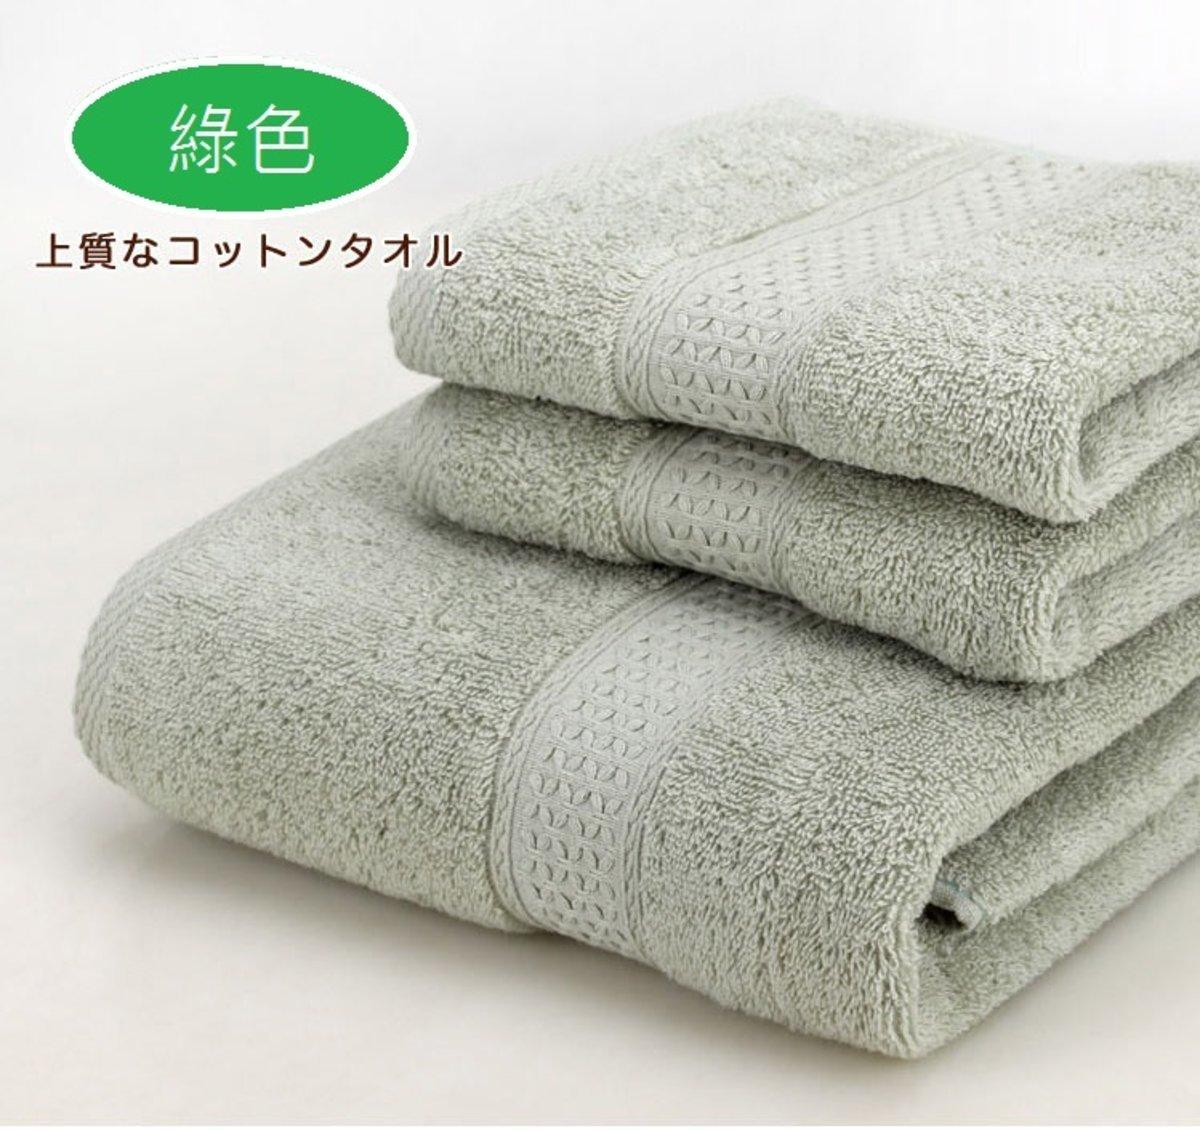 純棉大浴巾連毛巾3件套裝 / 綠色